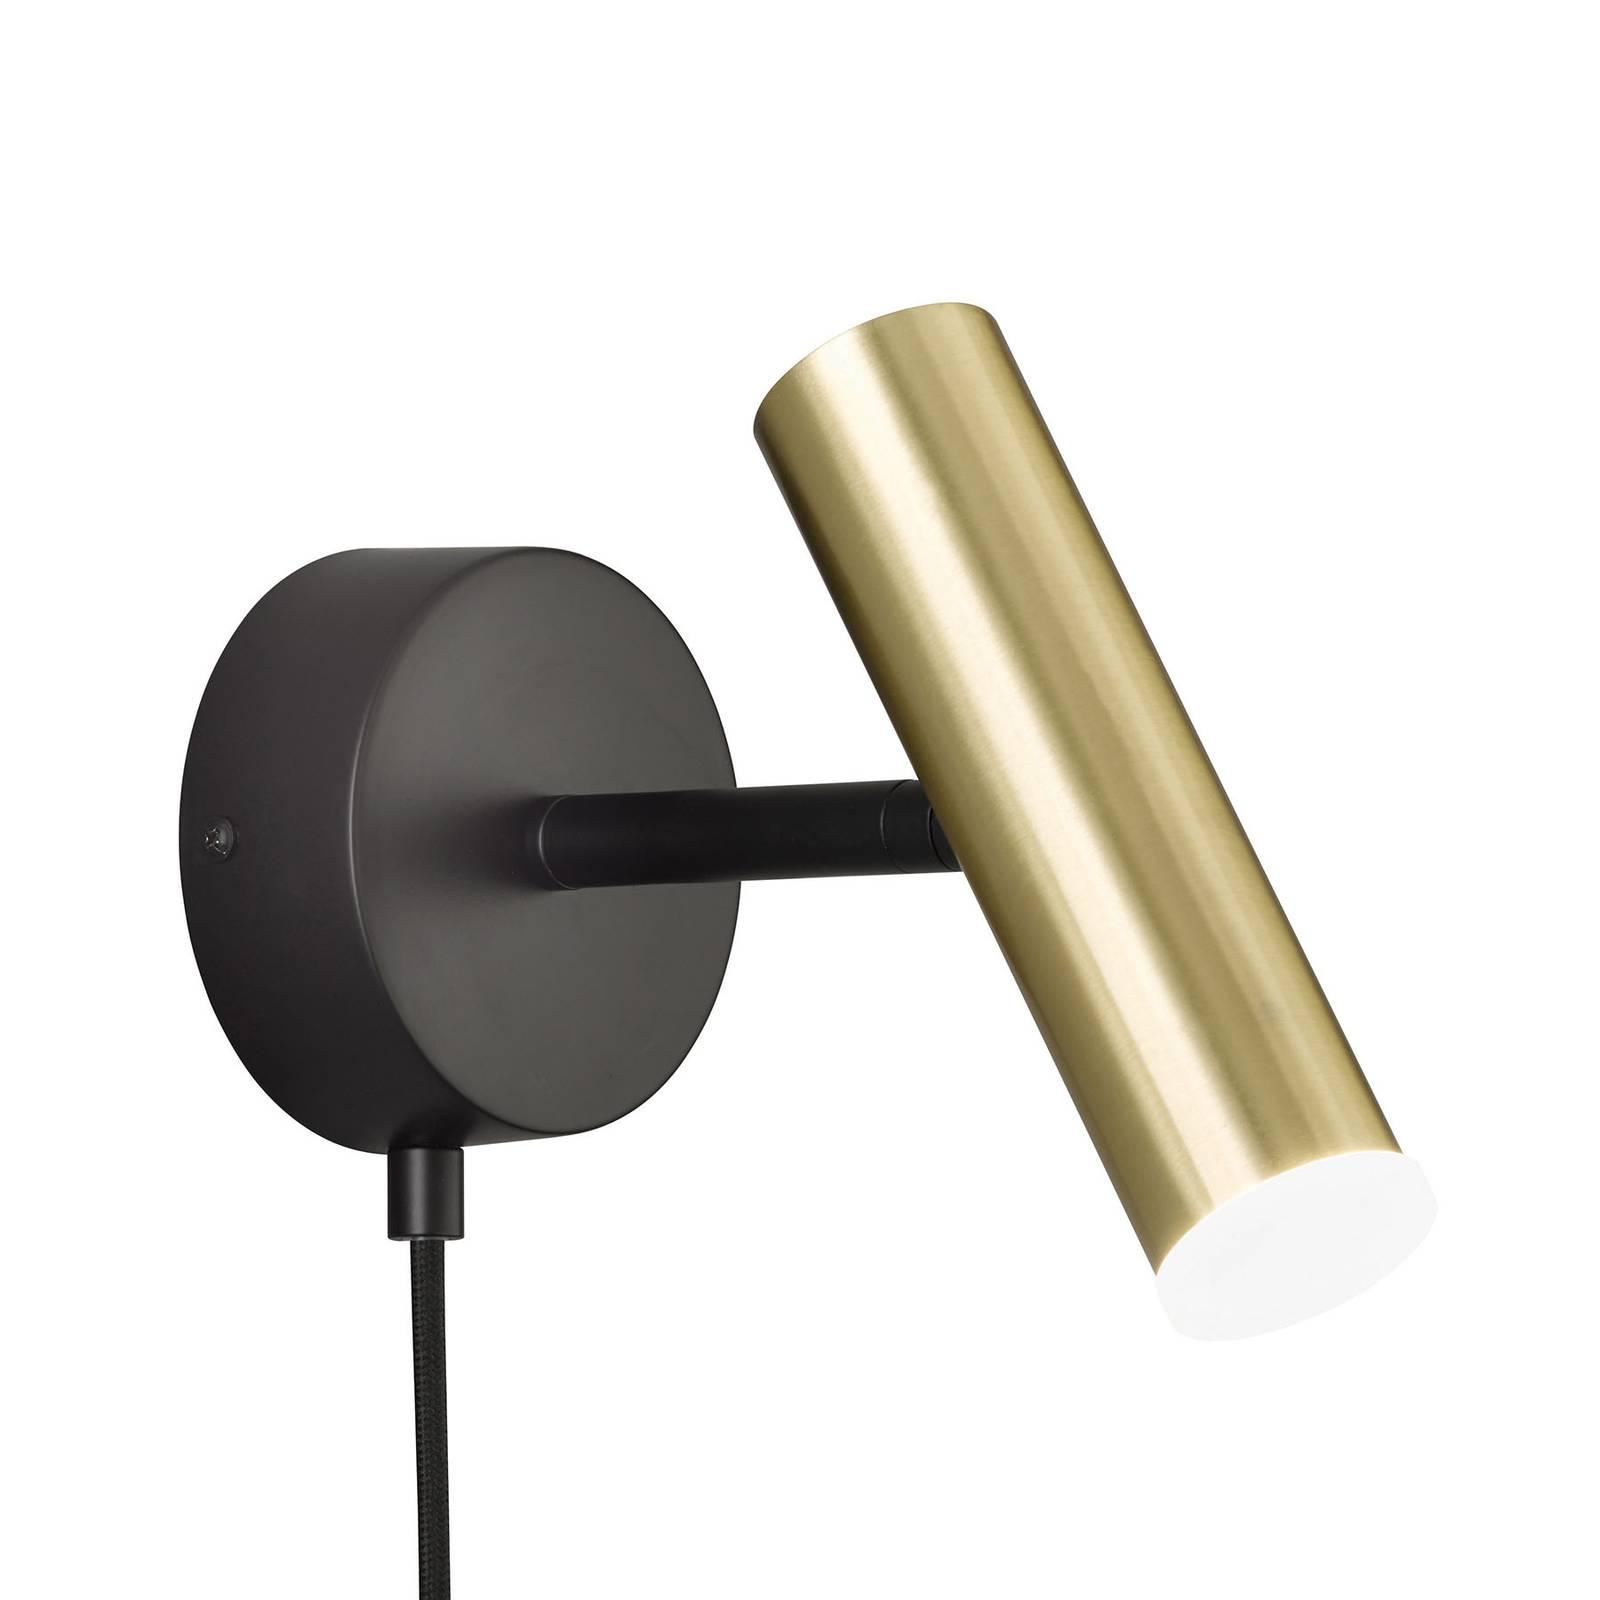 Schöner Wohnen Stina applique LED, dorée